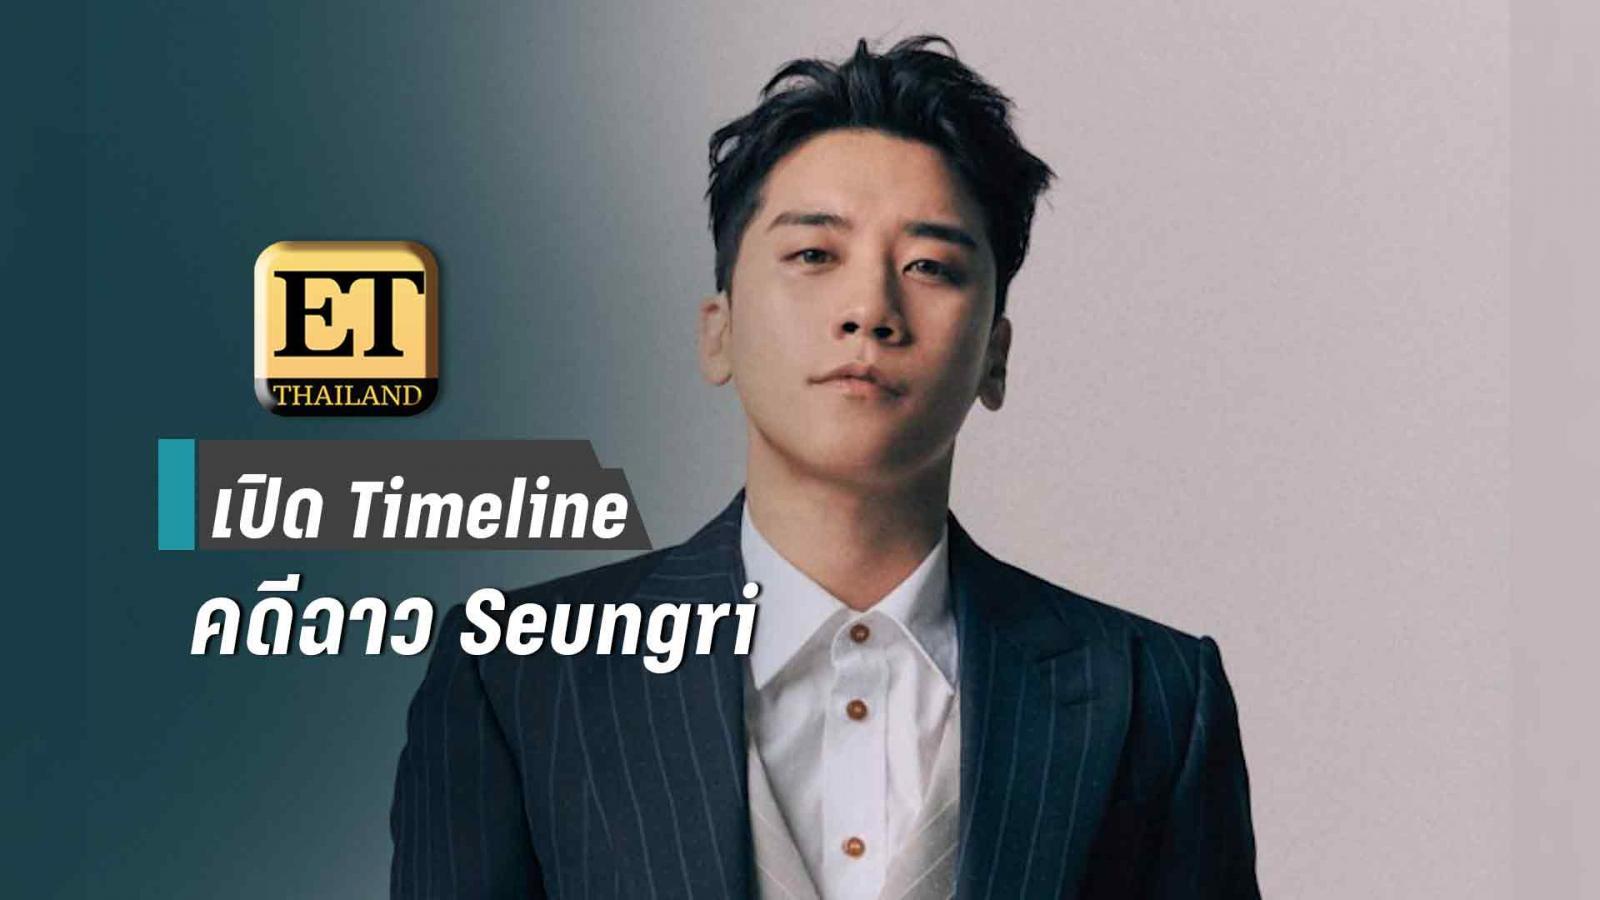 """เปิด Timeline คดีฉาว """"ซึงรี  BIGBANG"""""""